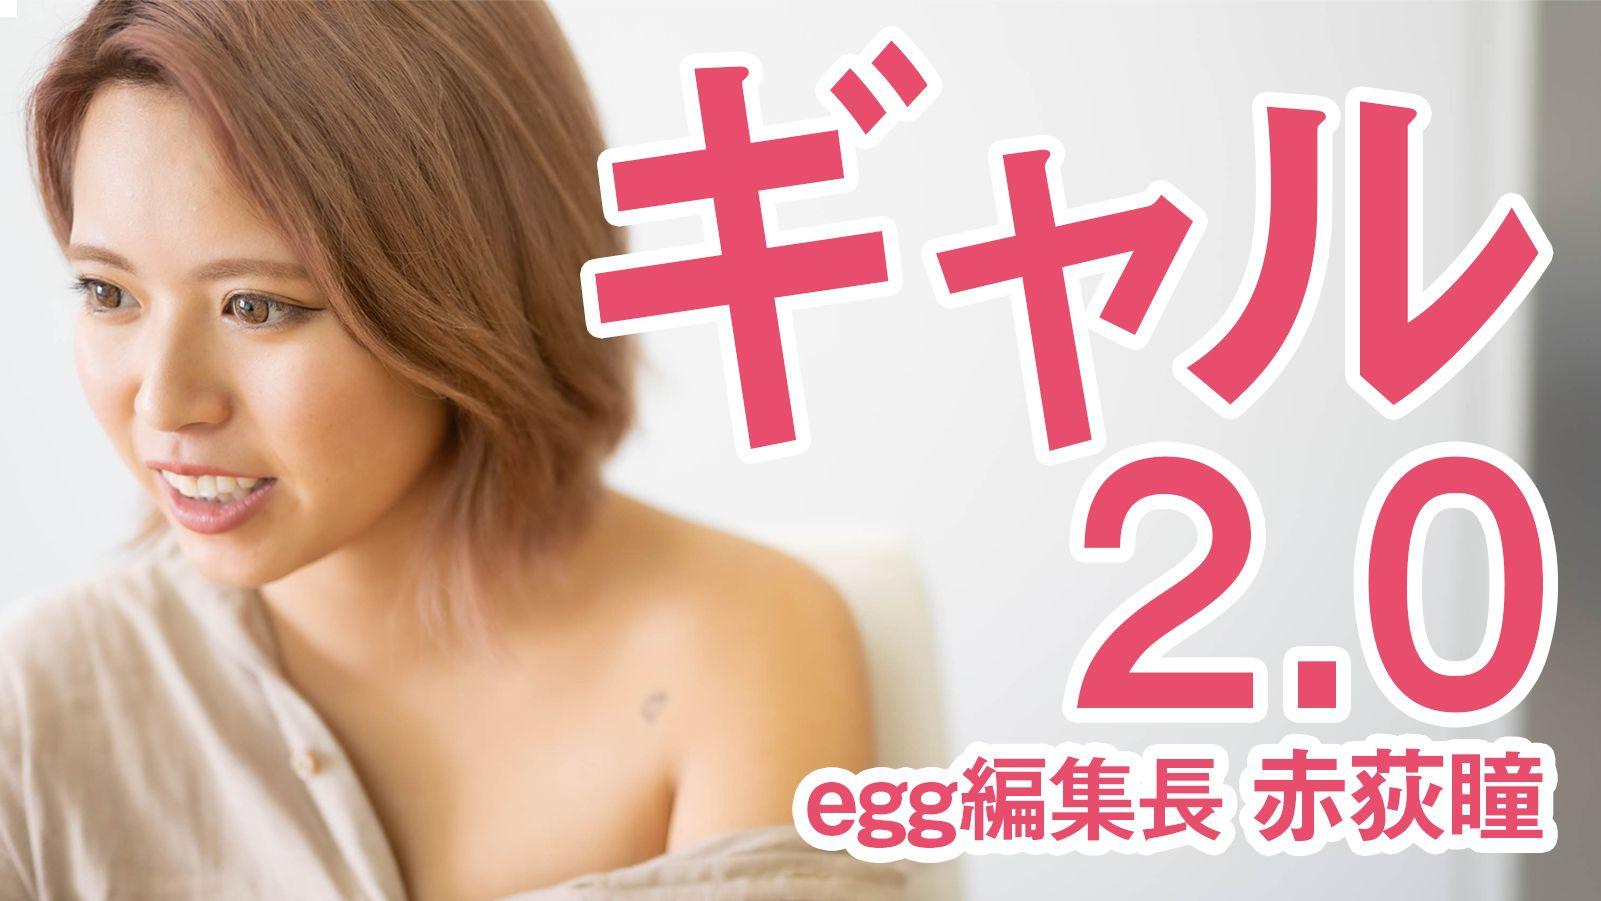 「未来のことで、うじうじ悩むとかもったいない!」 egg 赤荻瞳に学ぶギャル精神